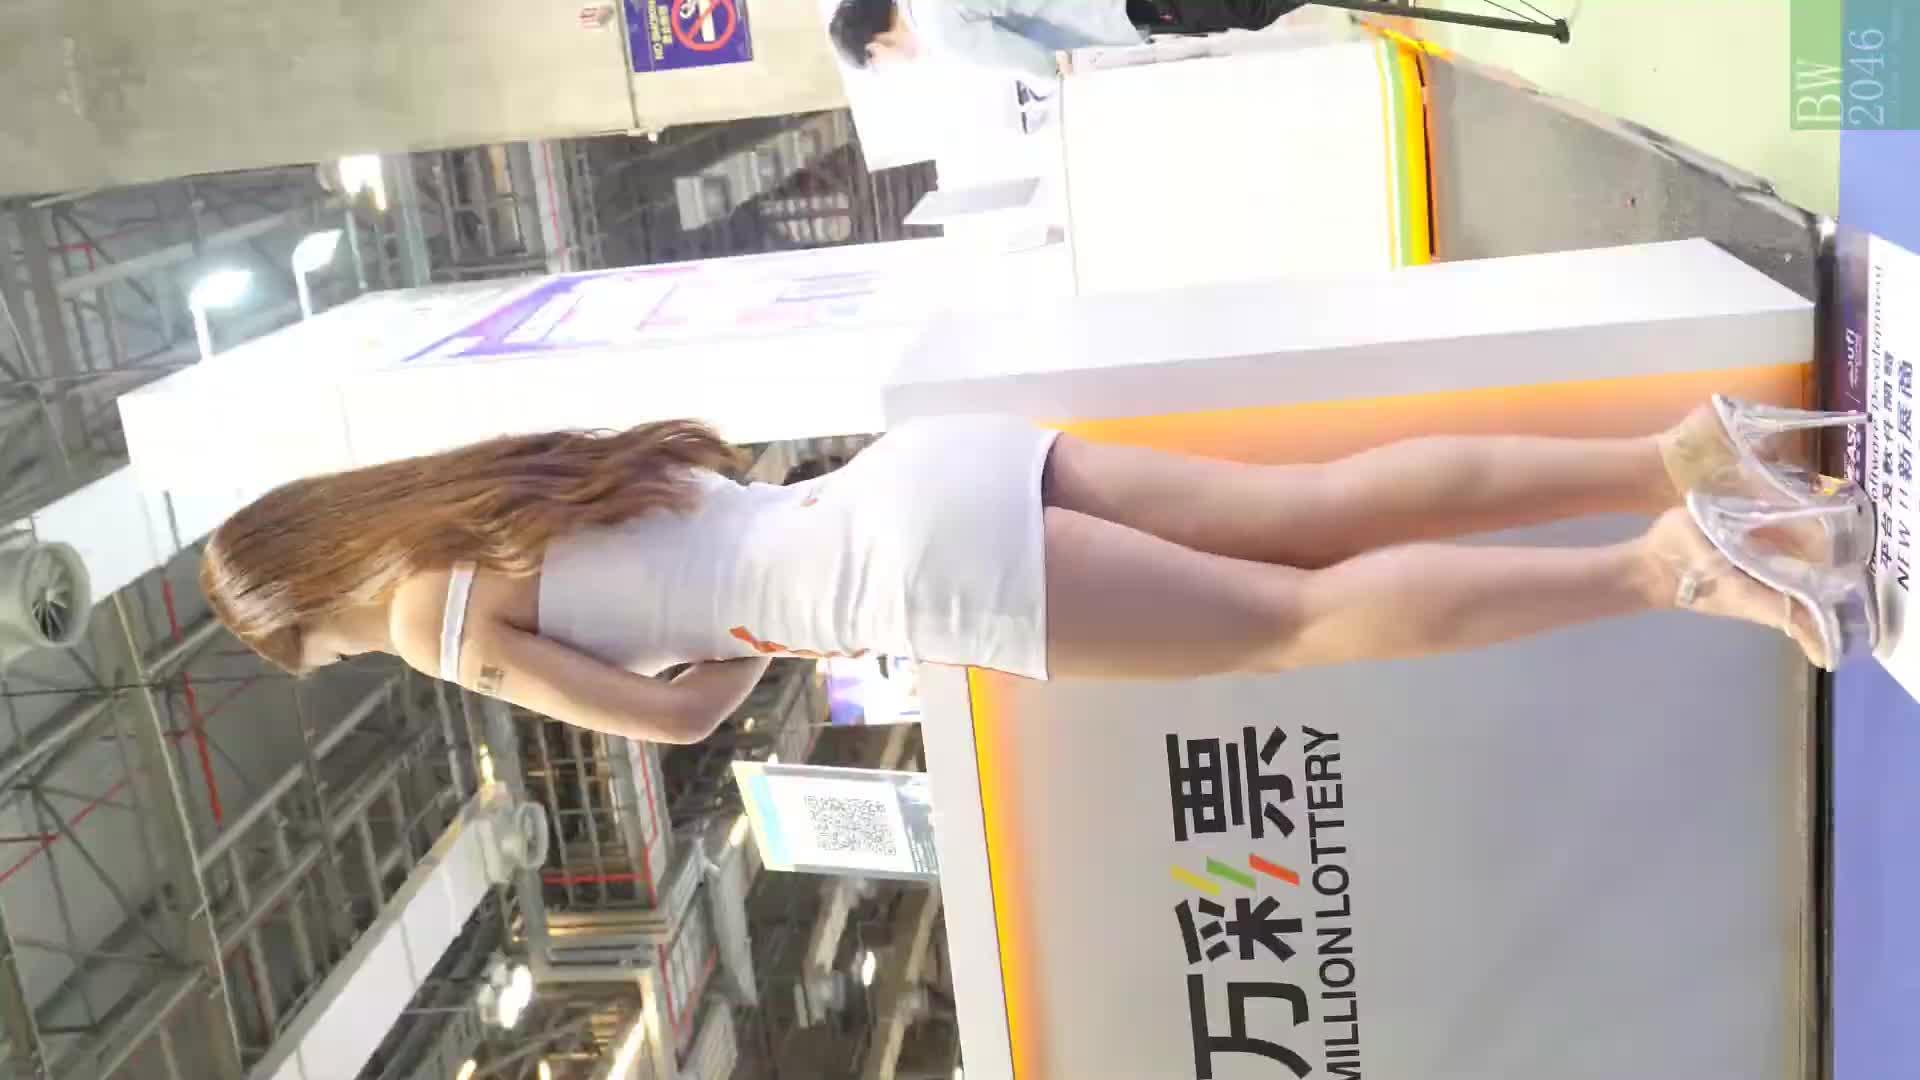 亞洲國際娛樂展 G2E Asia 2019  -  Model #12 王凱莉 Kelly Wong / 汪汪 (Weibo : Wonwonwong) @  (Mobile Version)